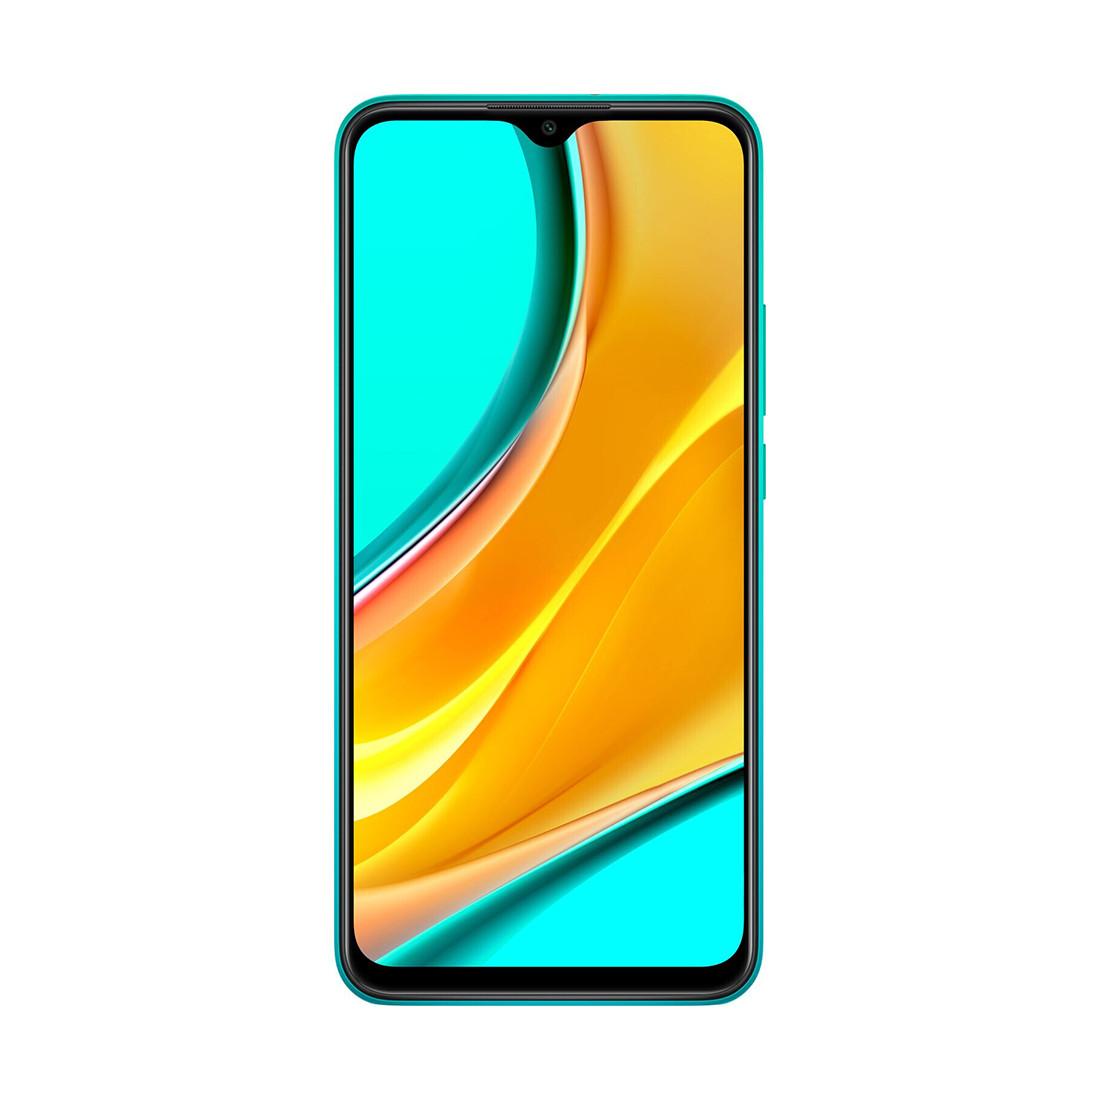 Мобильный телефон Xiaomi Redmi 9 32GB Ocean Green - фото 1